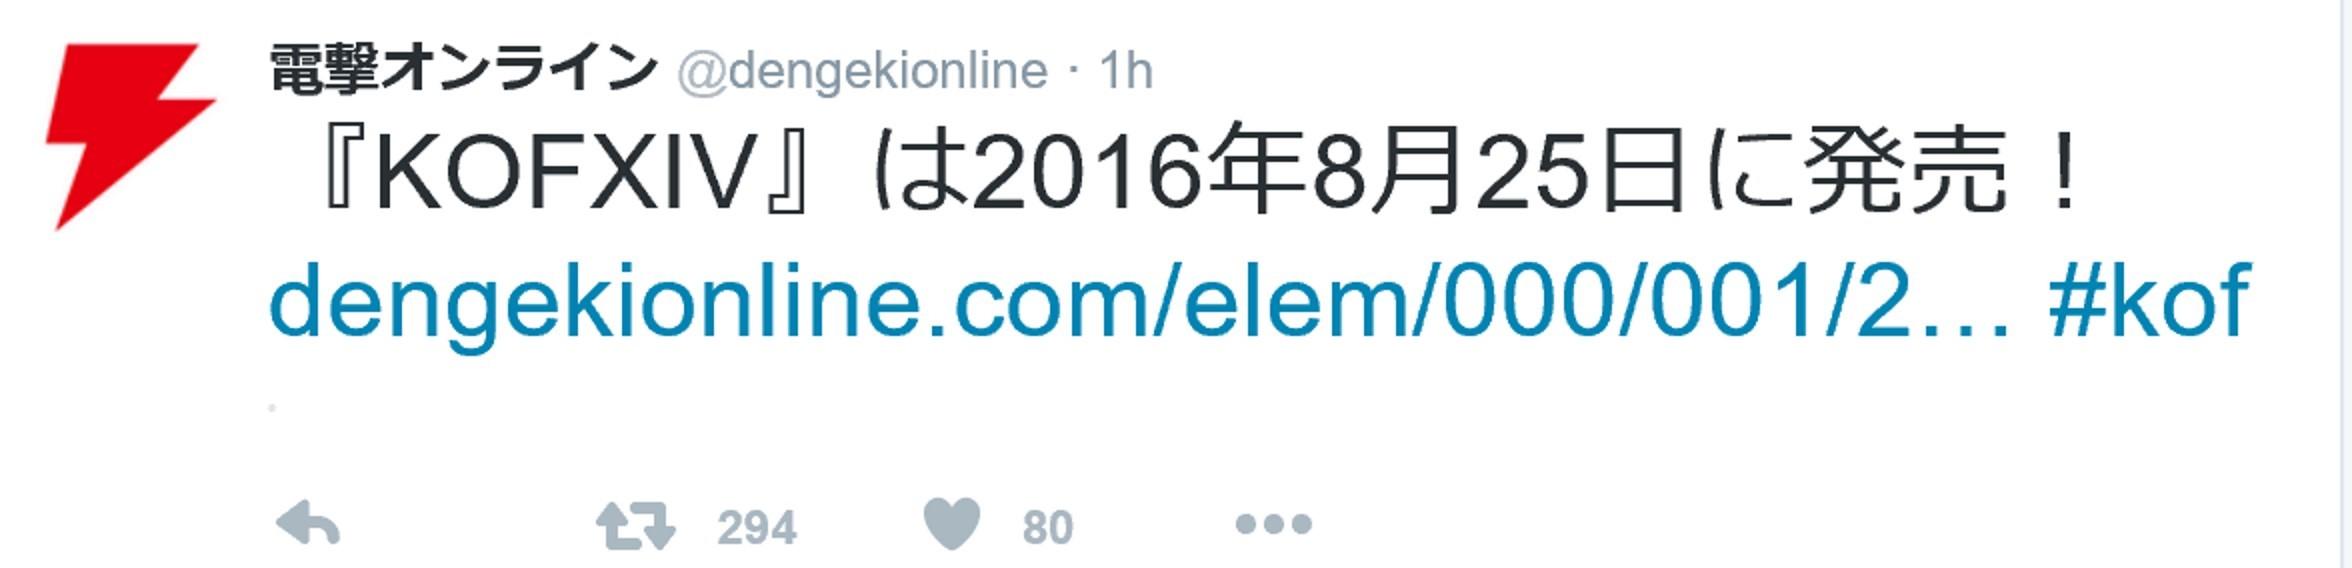 《拳皇14》发售日期确定